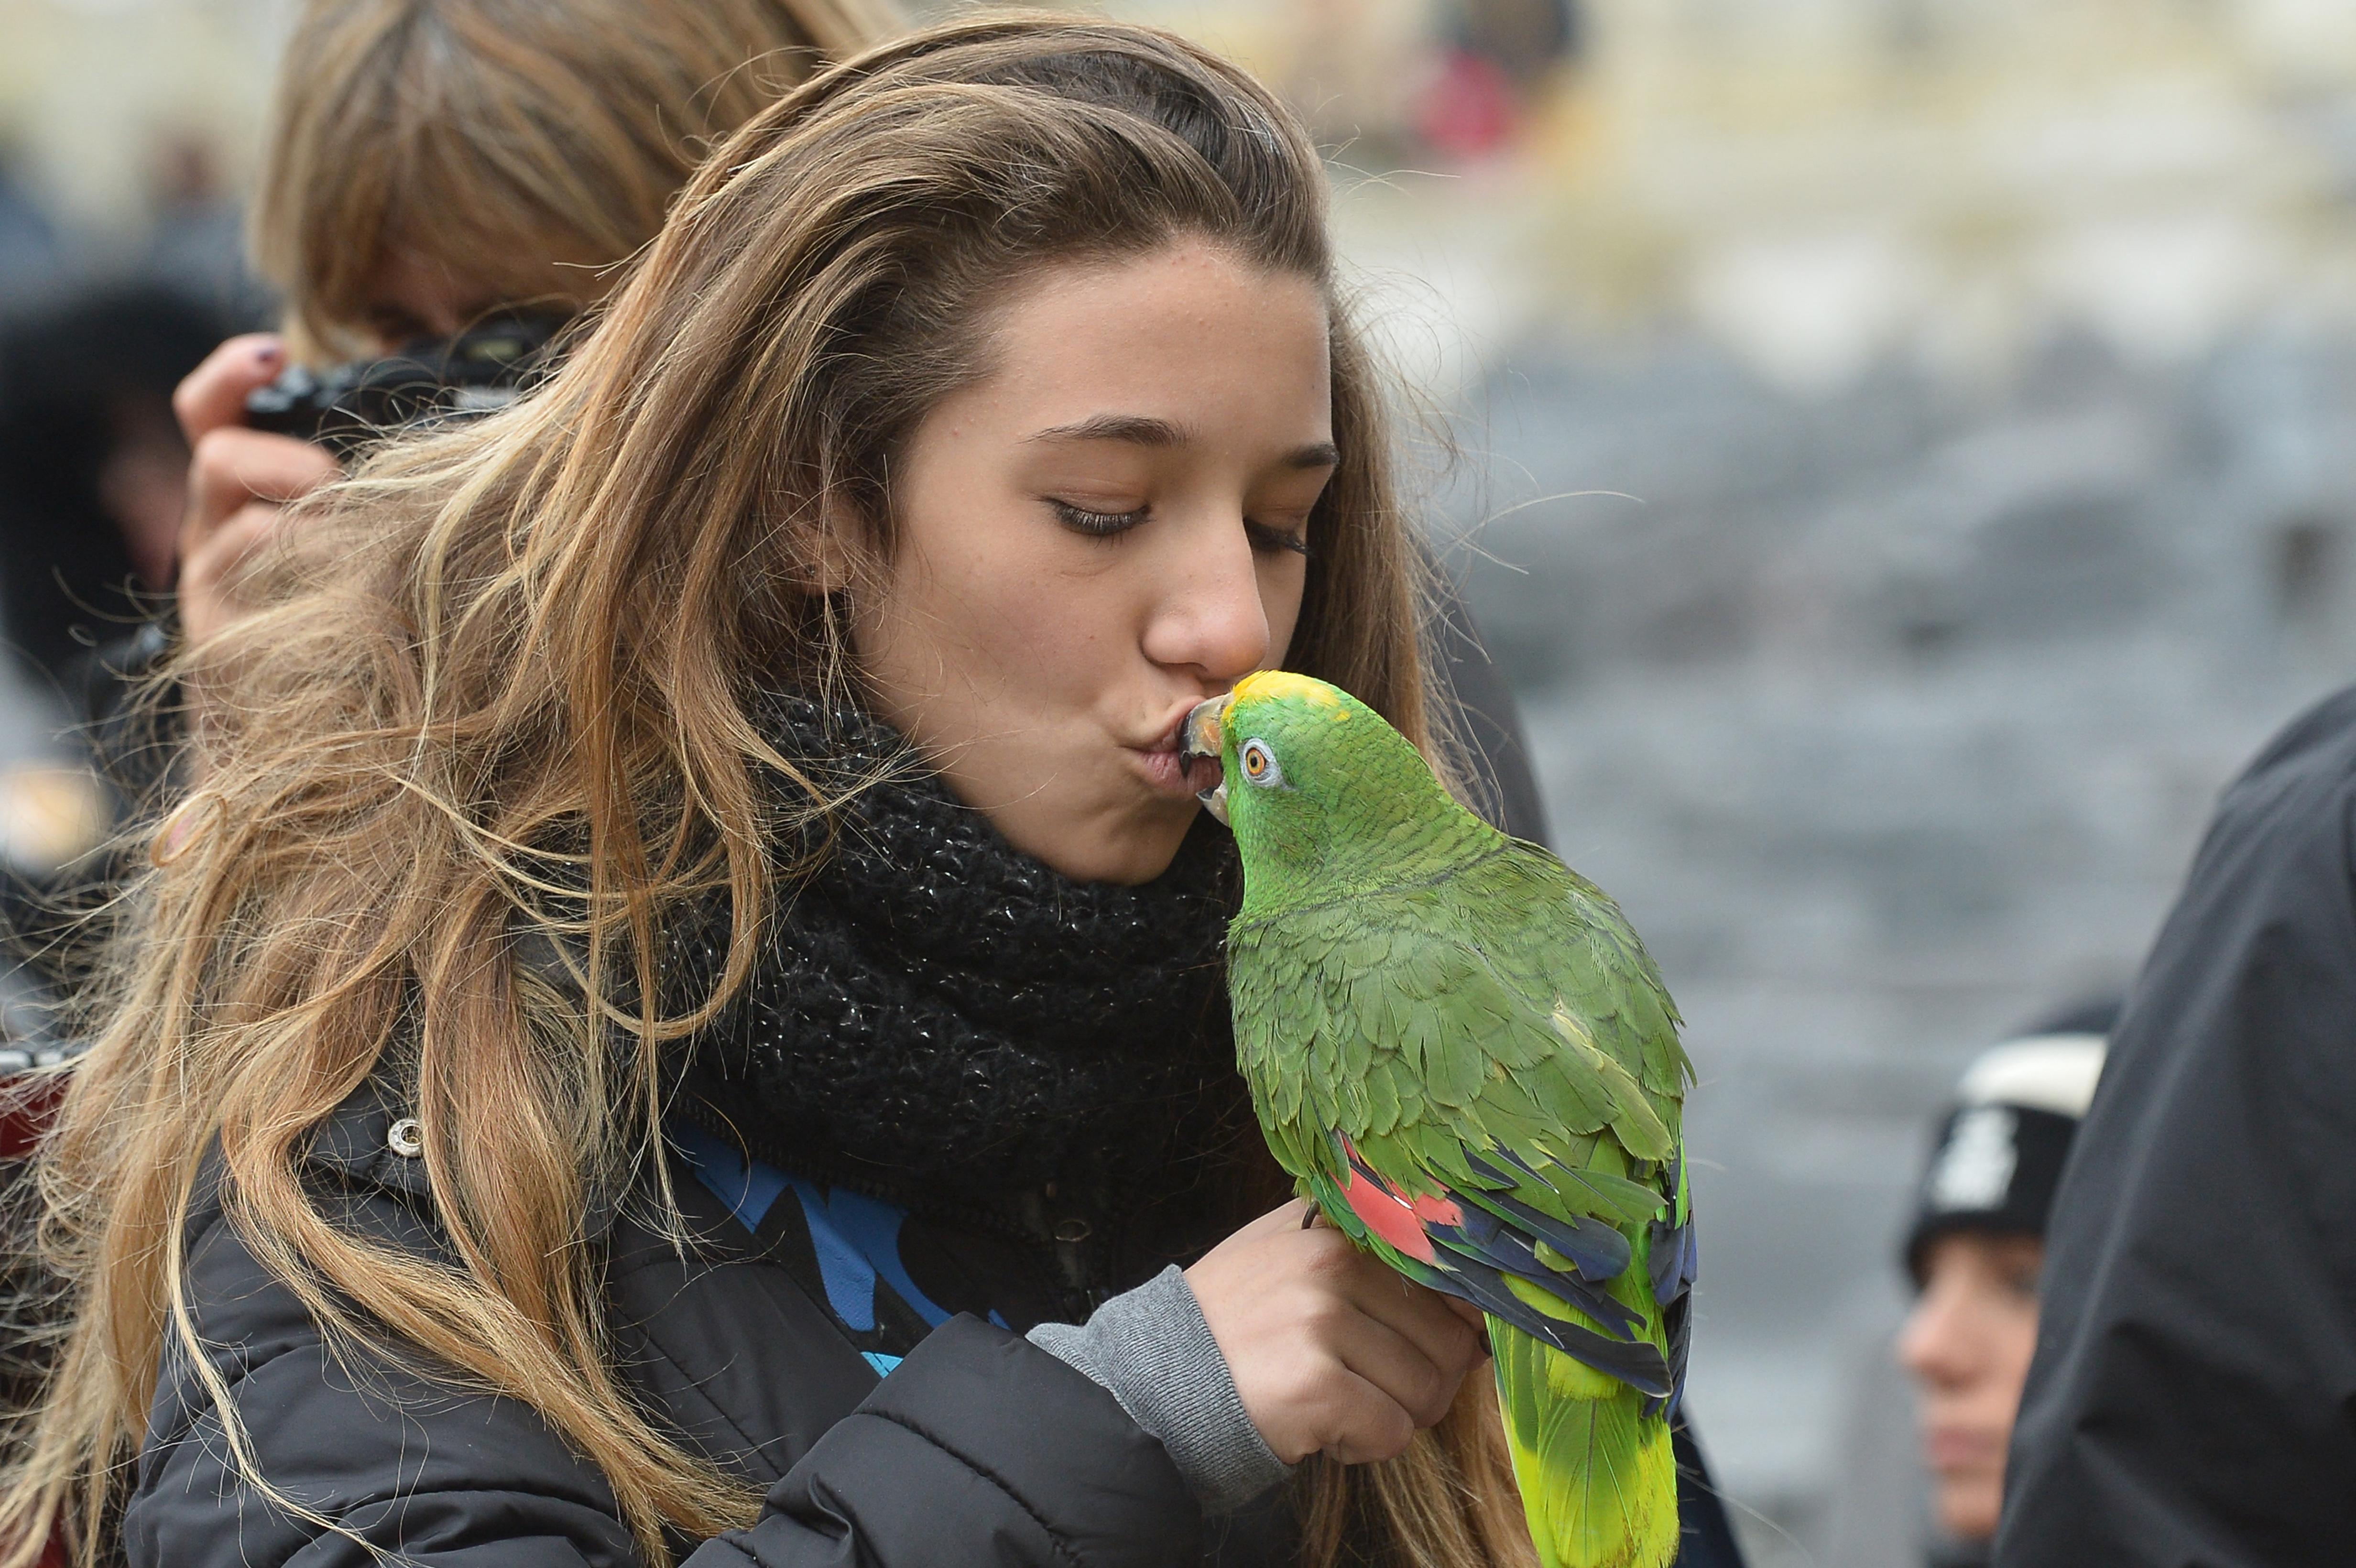 Nagyon aranyos a bújós papagáj, de nem hozzánk kéne bújnia